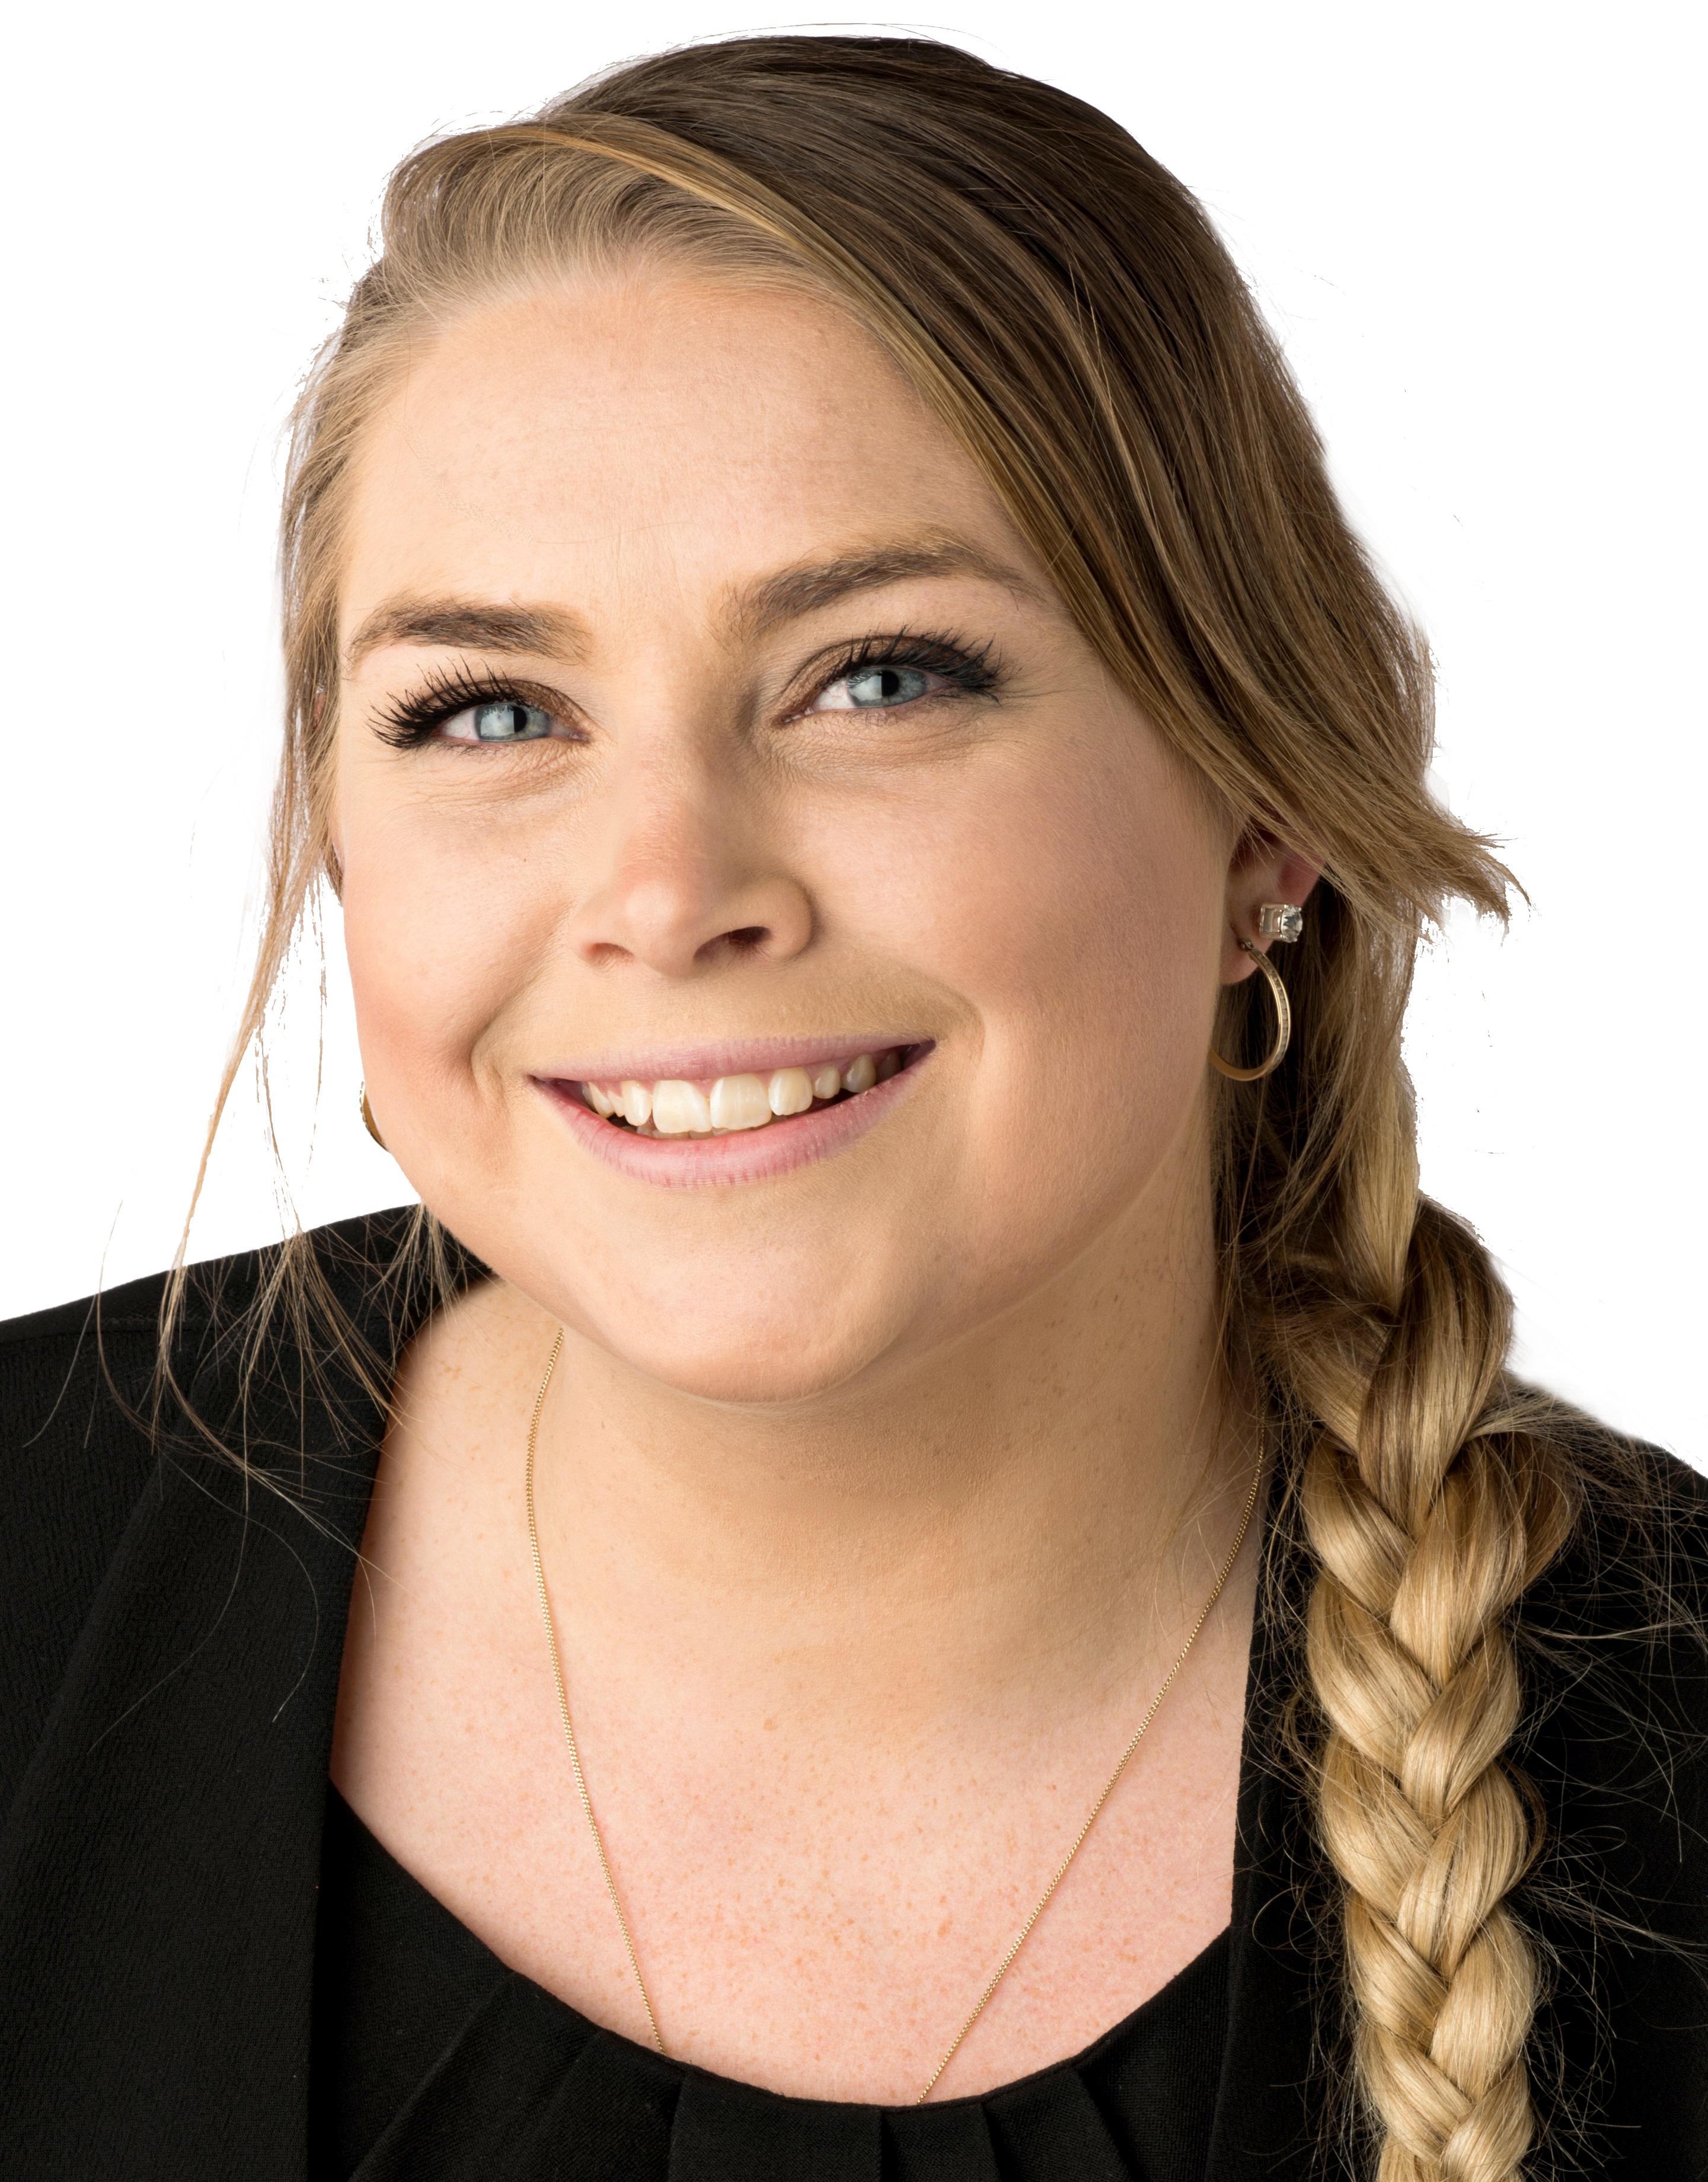 Zara Pangler